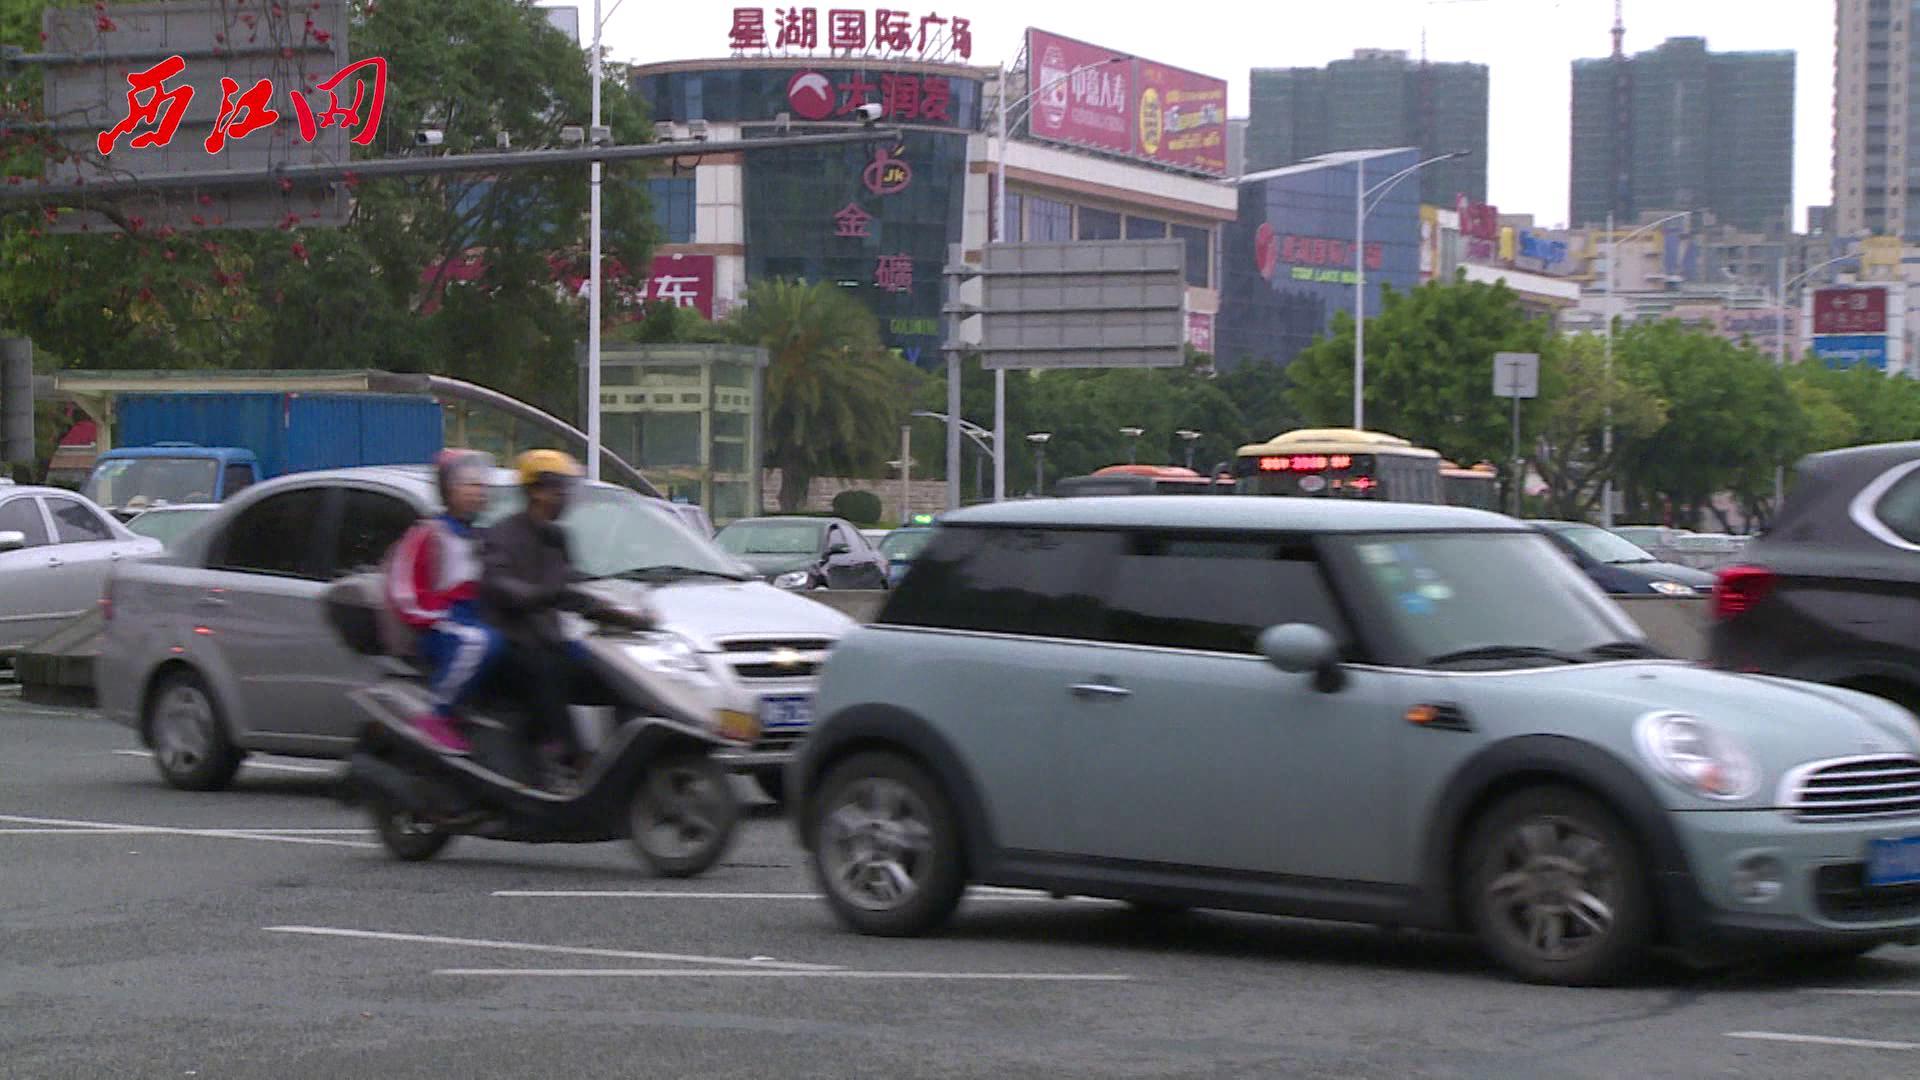 肇庆中心城区10个交通路口信号控制系统将升级 优化后放行更精准